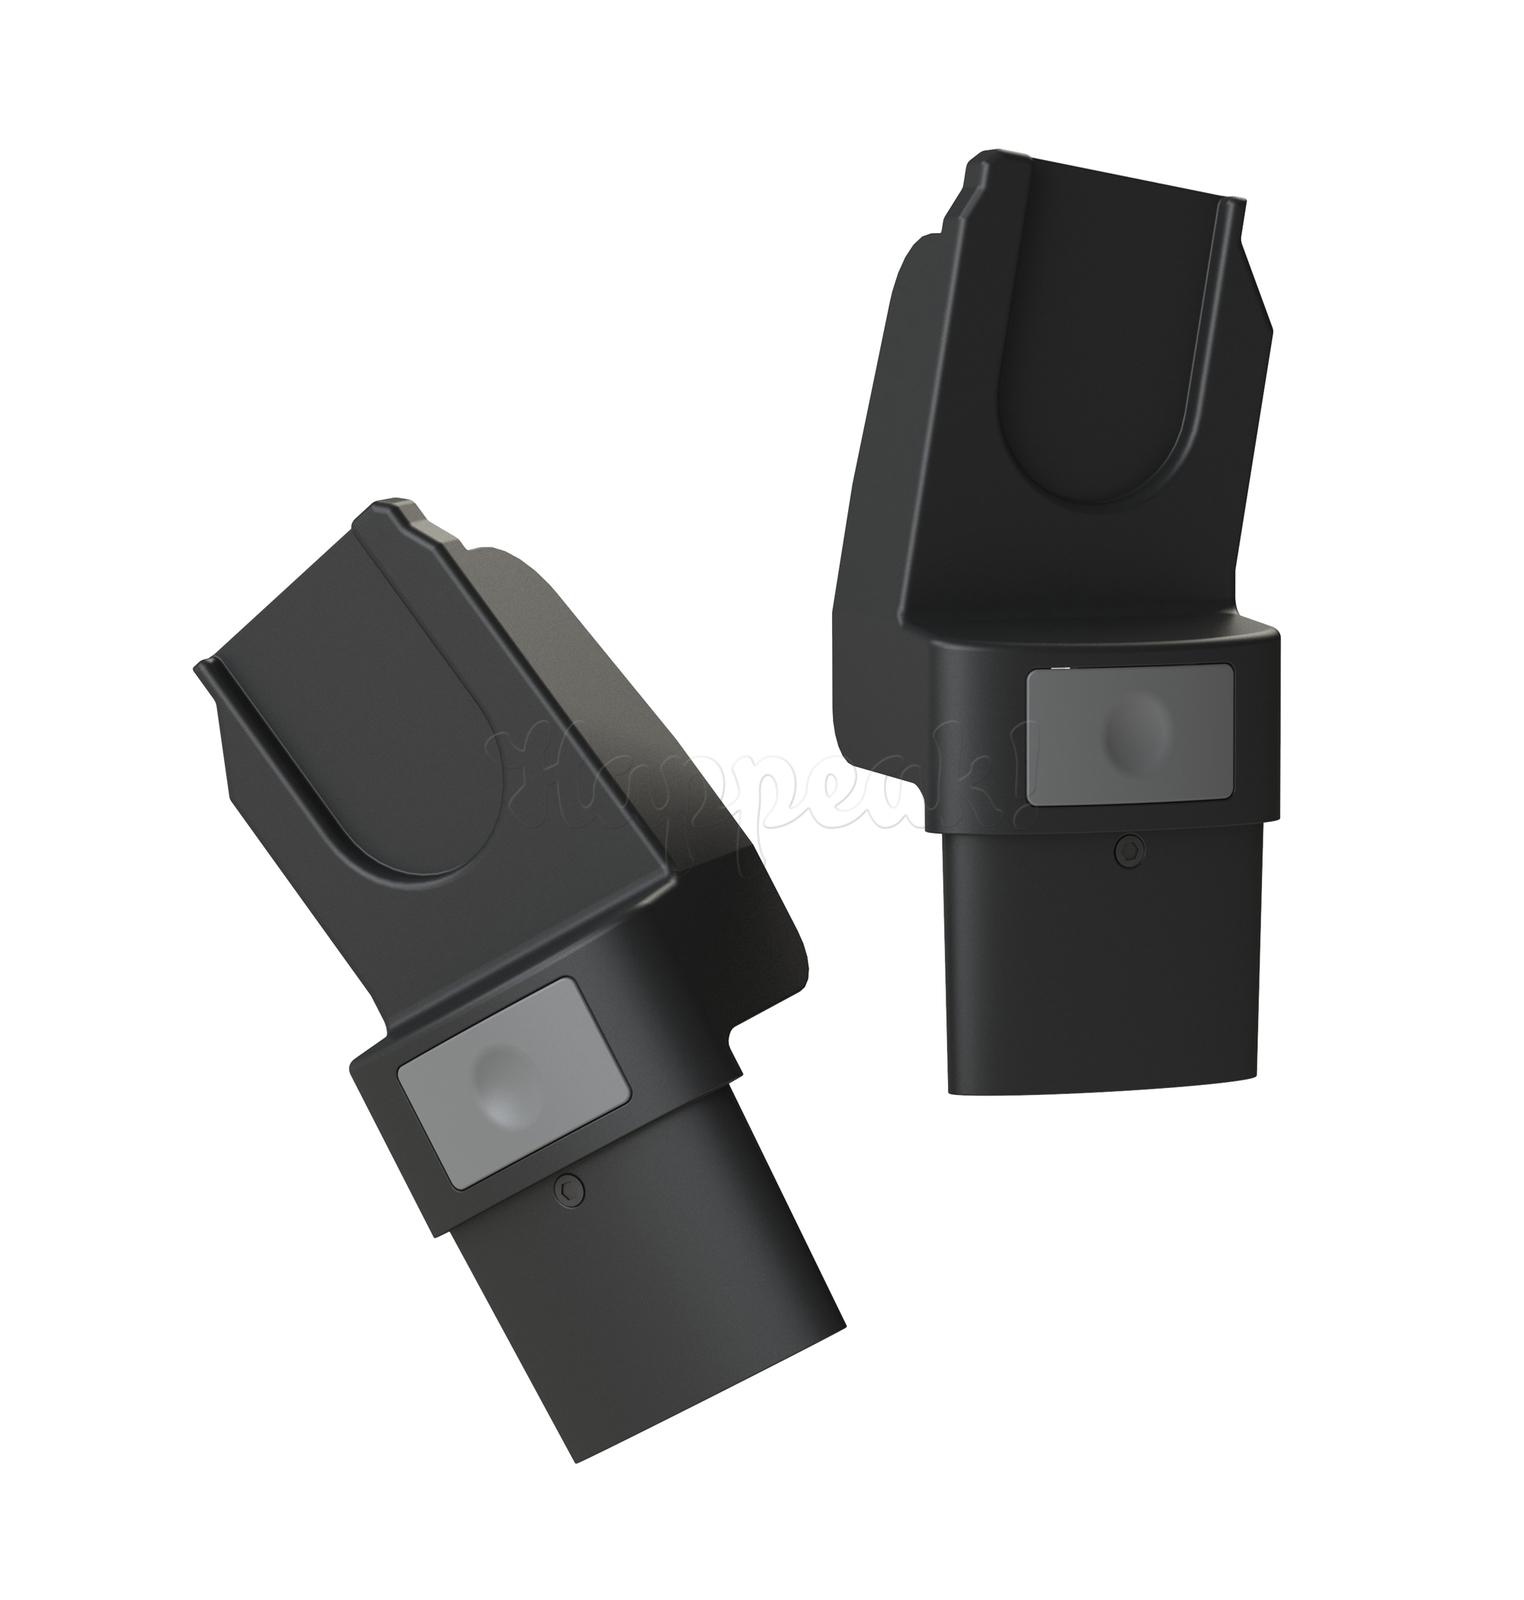 Адаптеры для установки автокресла на коляску JOOLZ Day2 в наличии